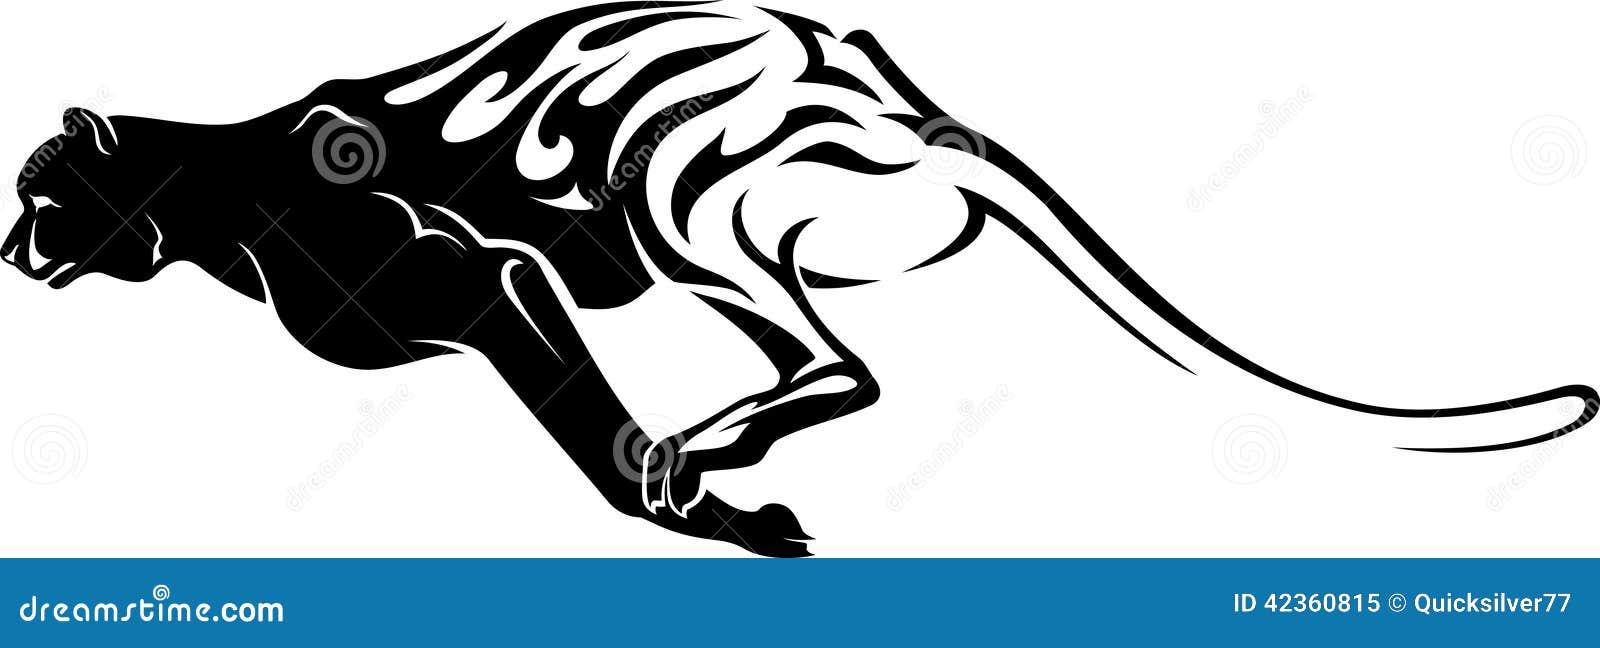 Szybki geparda tatuaż